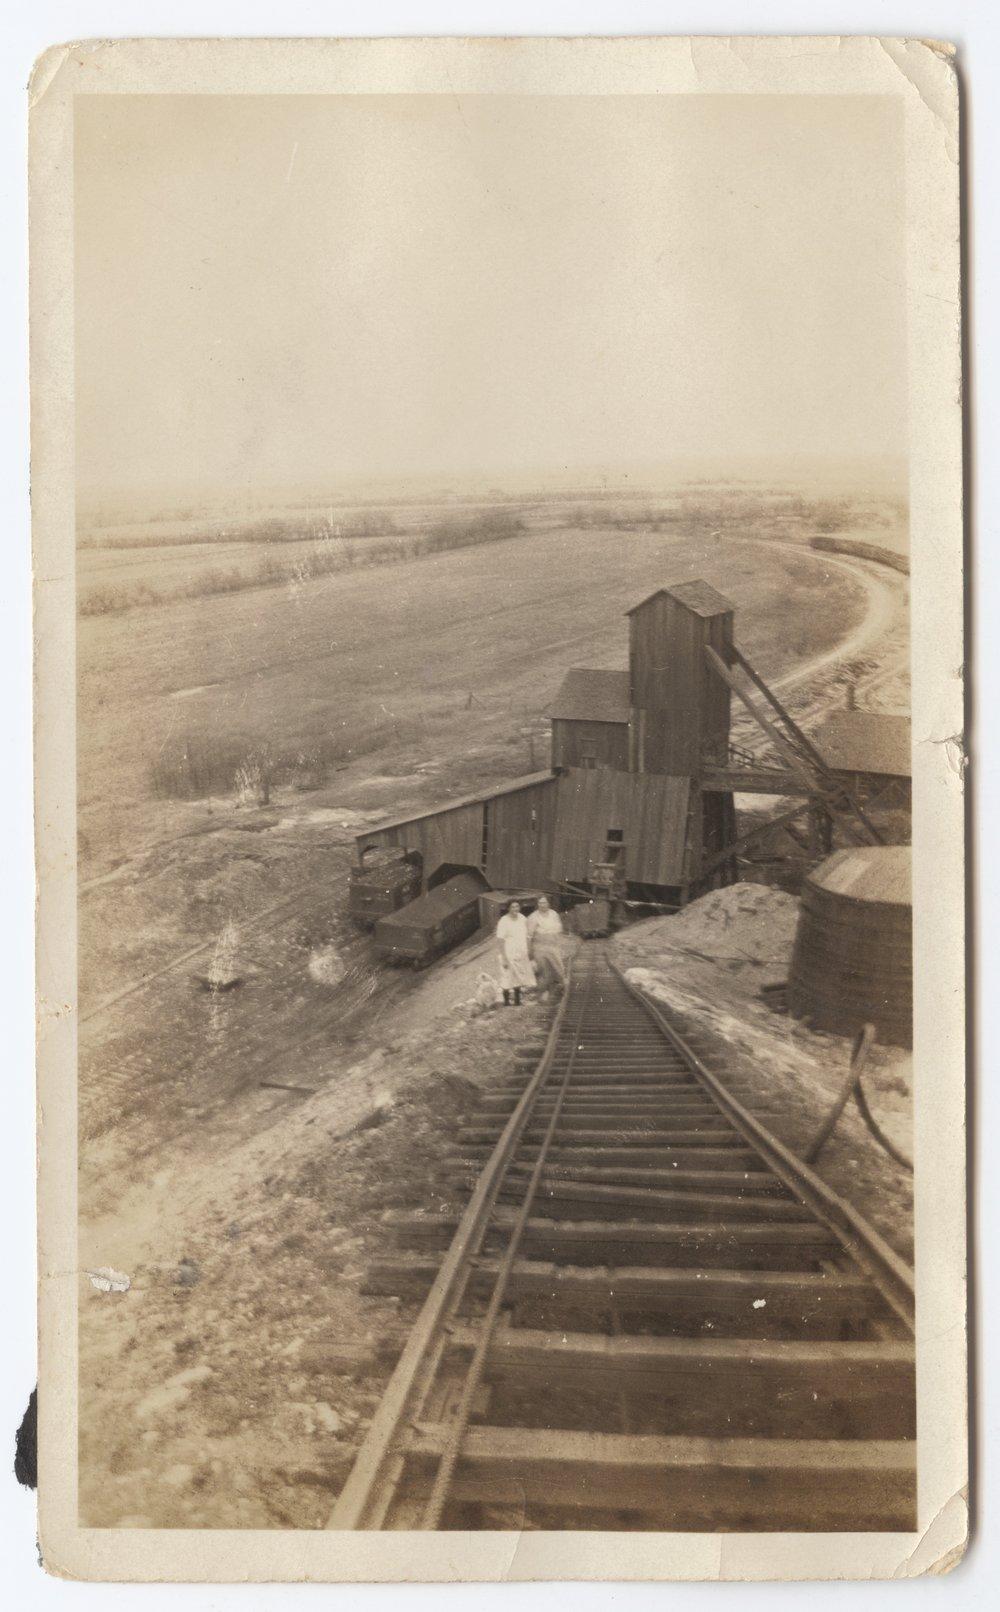 15 Mine in Crawford, Kansas - 1